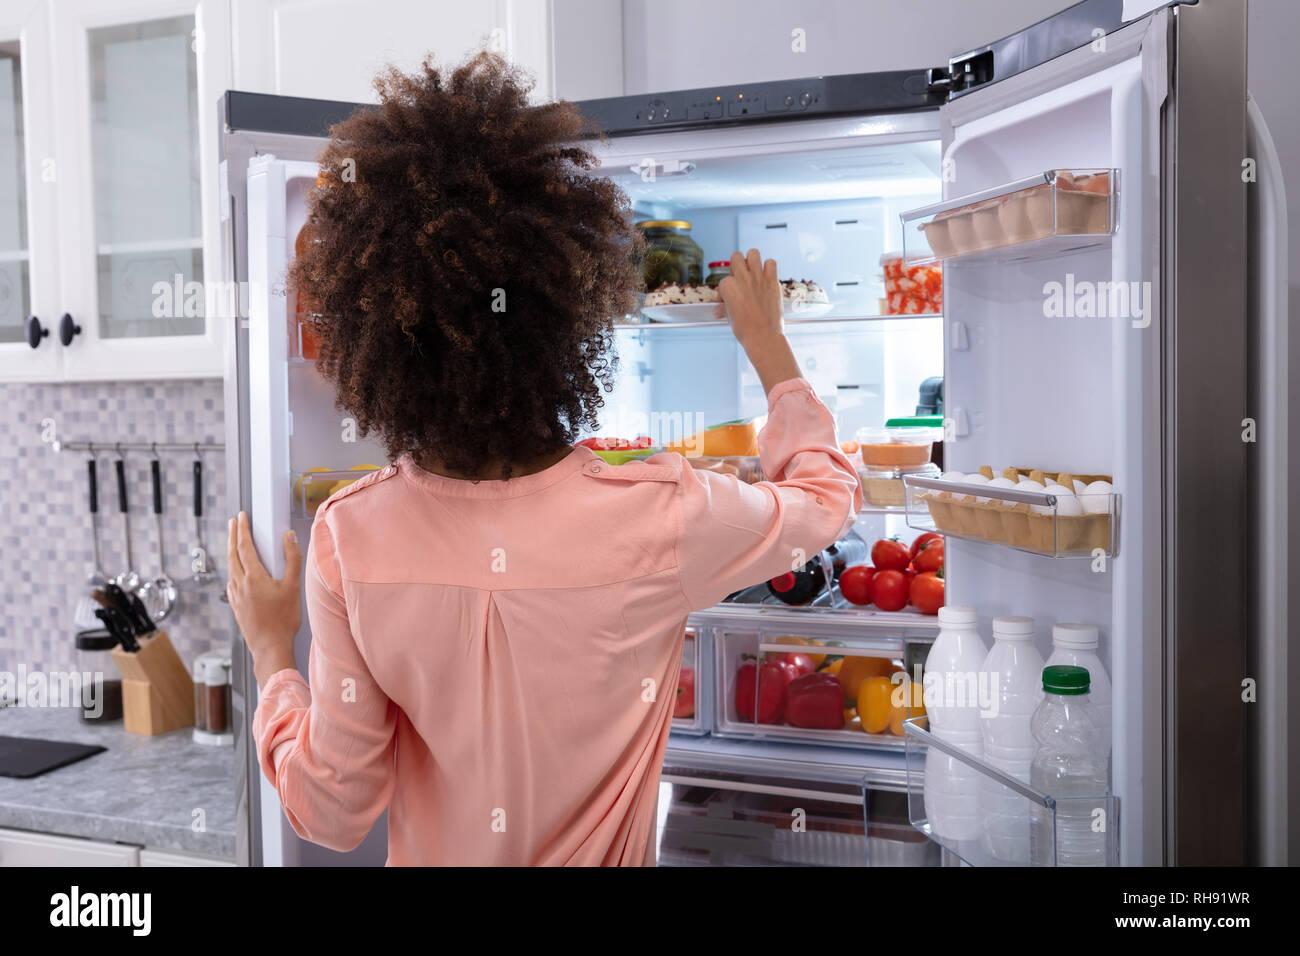 Amerikanischer Kühlschrank Pink : Amerikanischer kühlschrank stockfotos amerikanischer kühlschrank